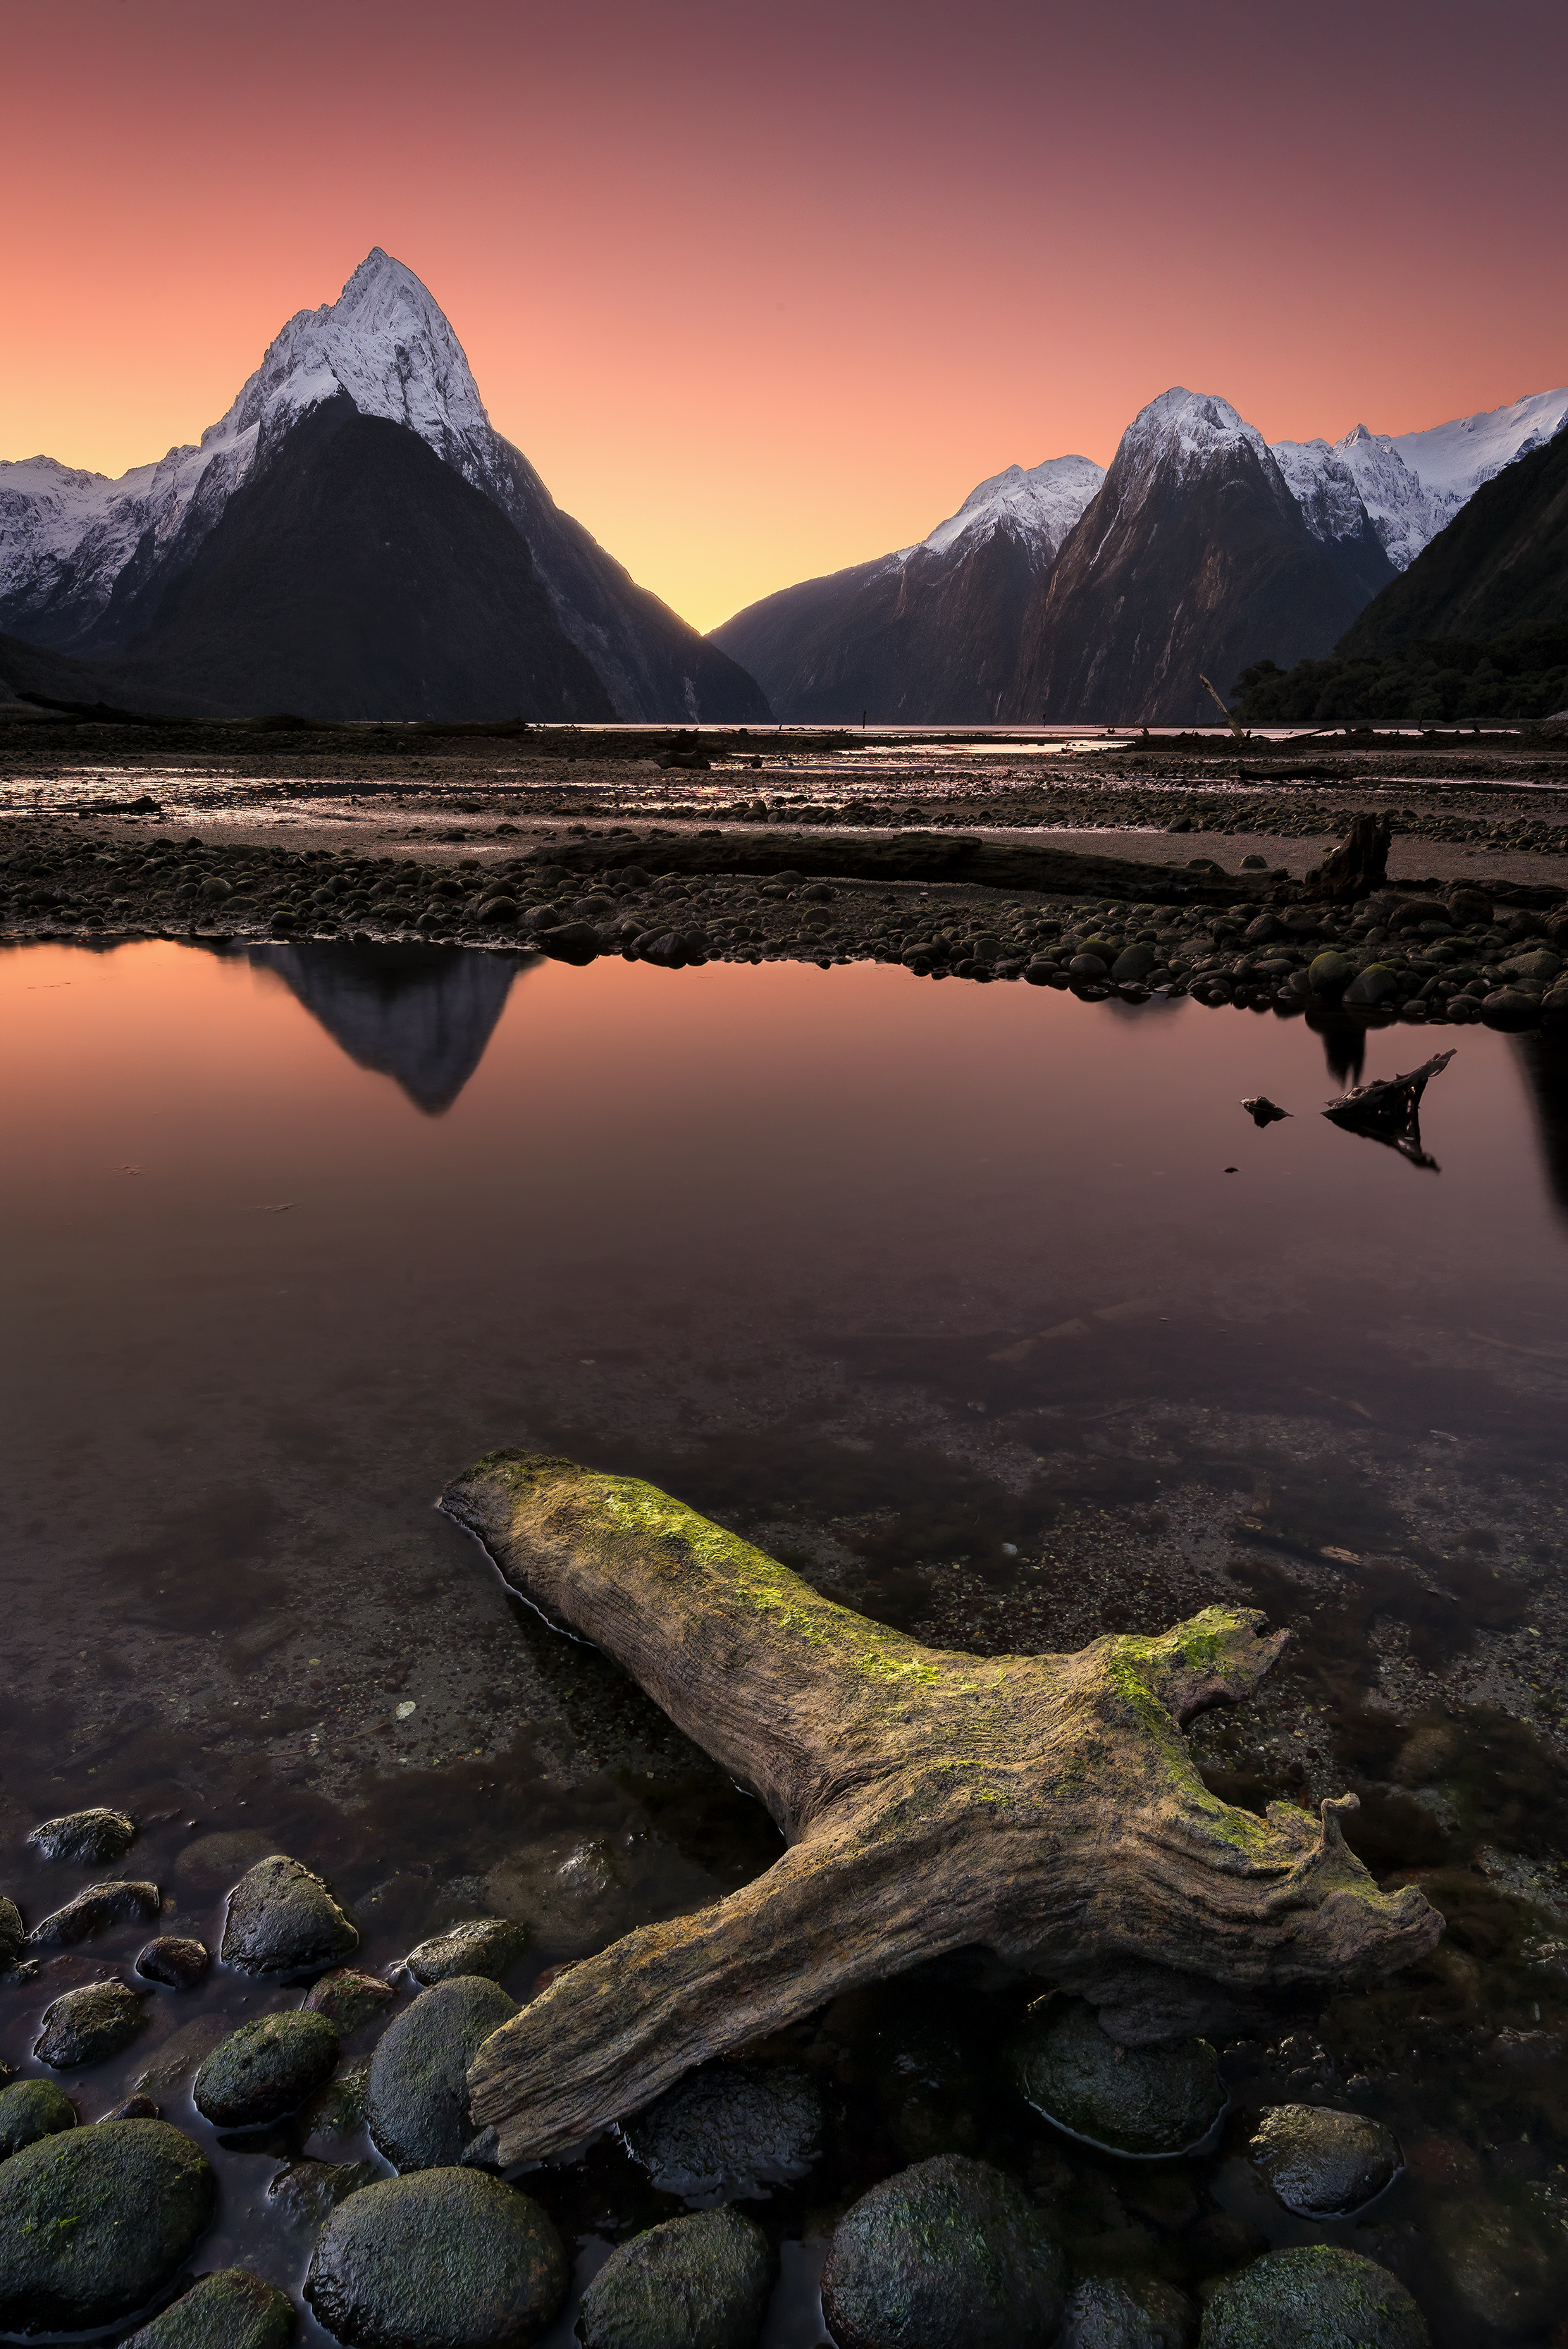 Milford Sound #2, New Zealand